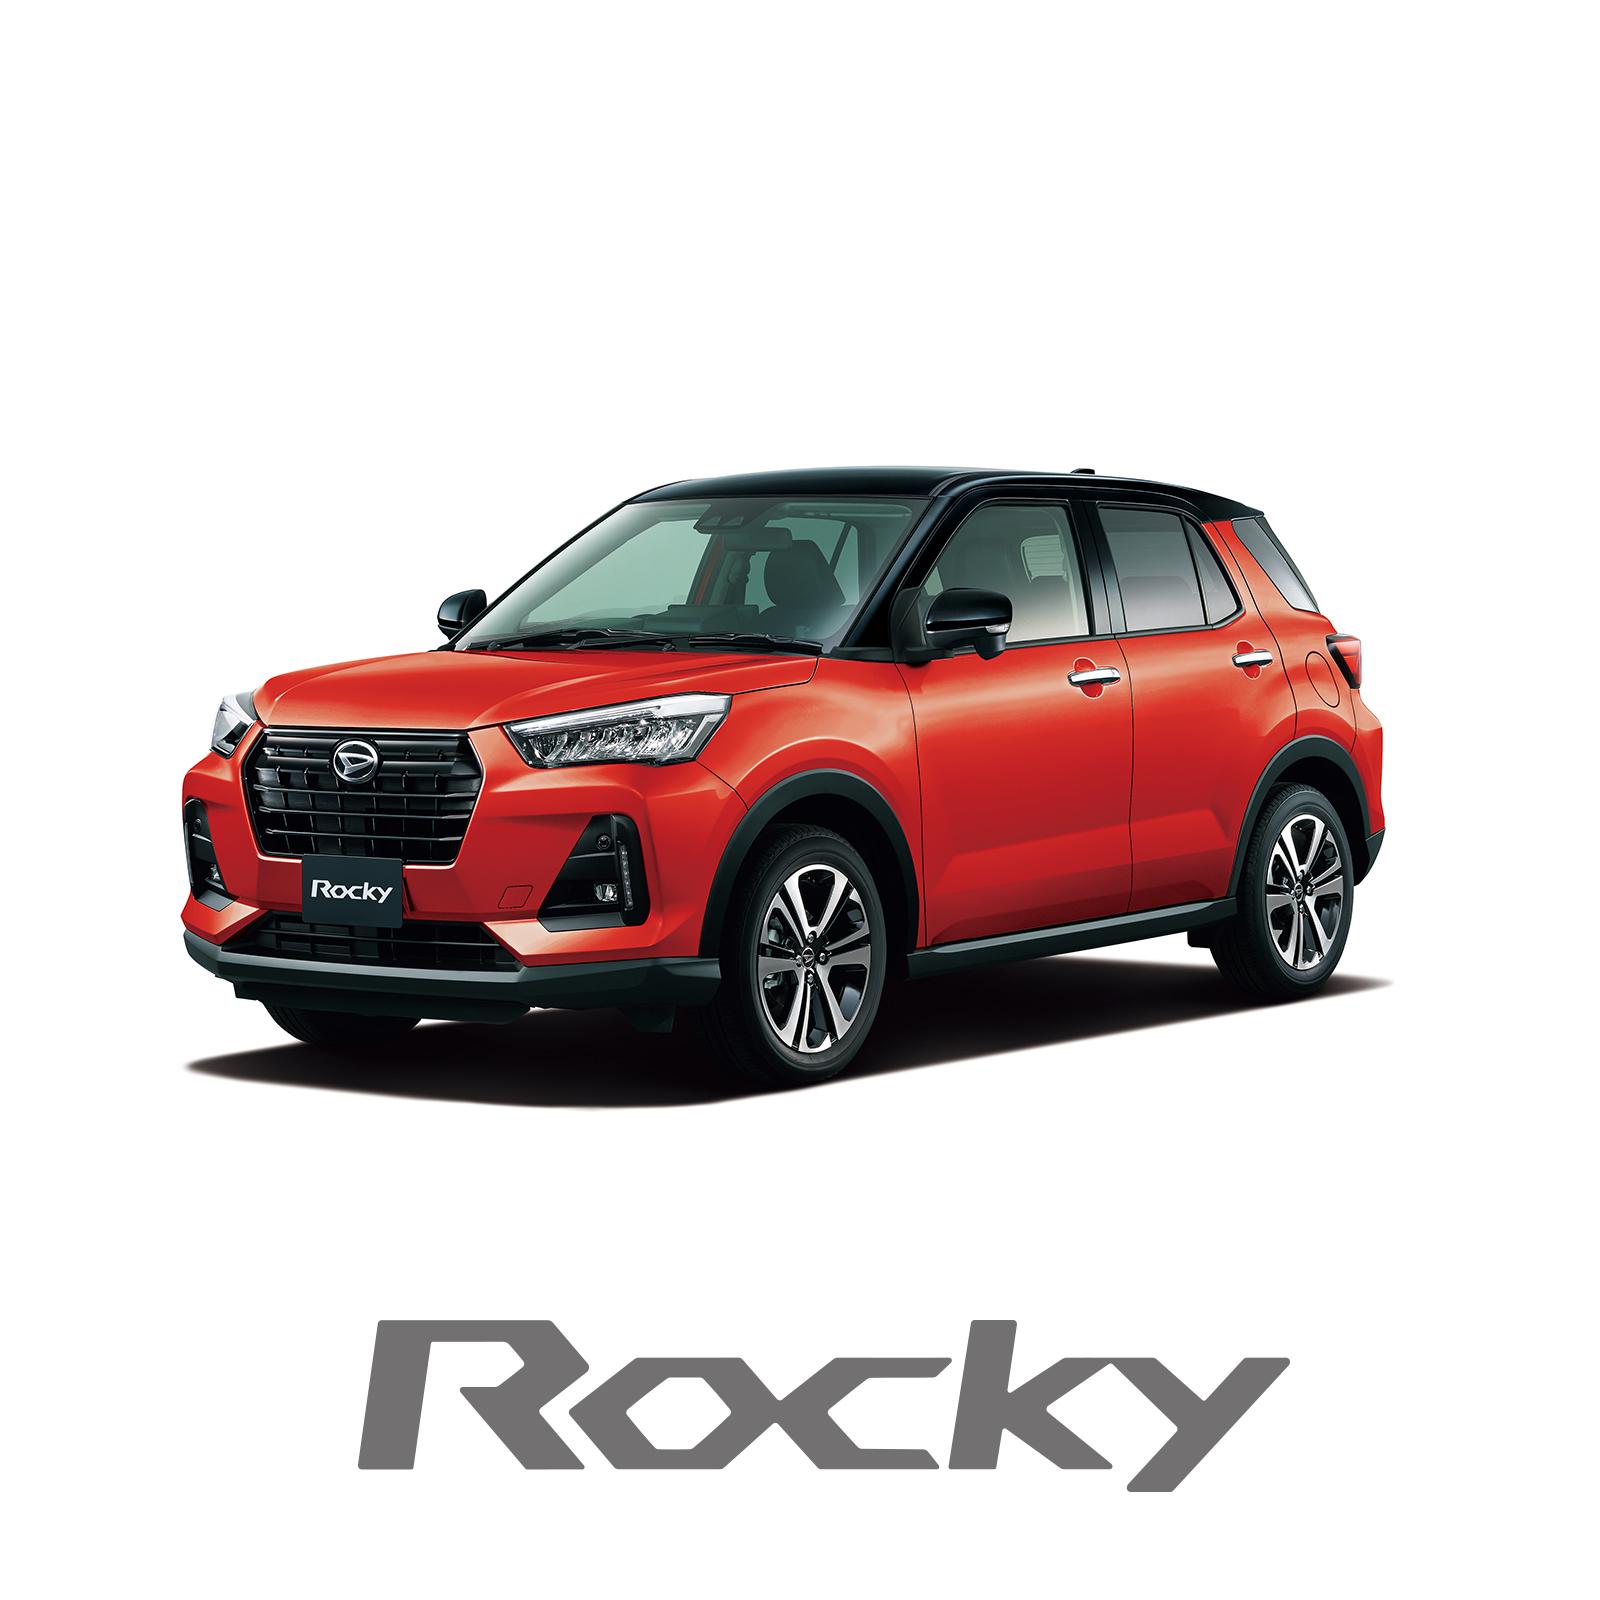 11月5日 新型小型SUV ロッキー誕生